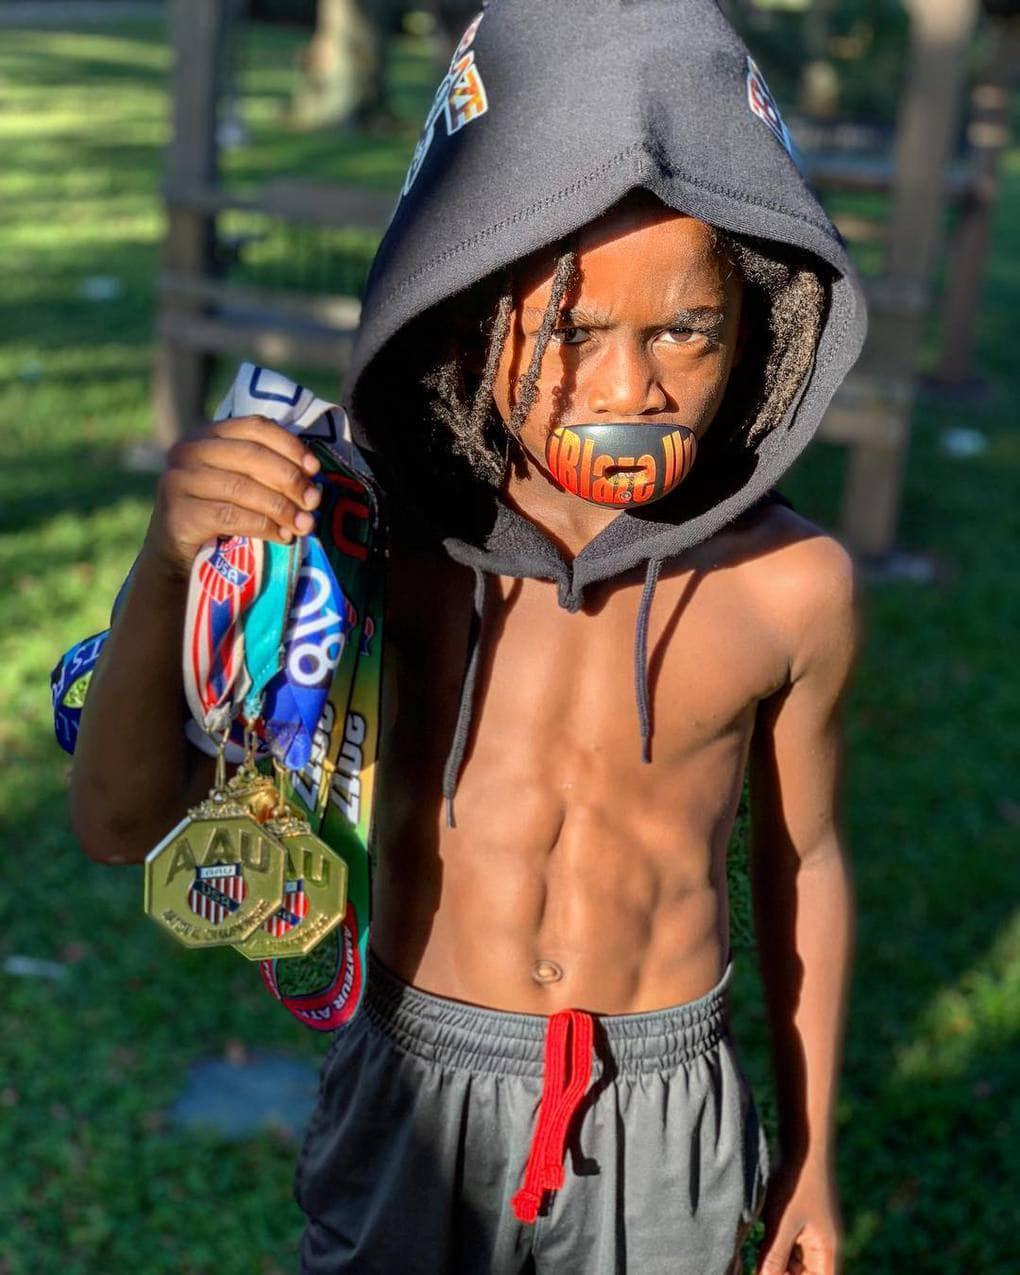 blaze 813 43594886 2143492625978562 4177227751251992479 n - 7-летний мальчик побил мировой рекорд в беге на 100 метров. Усейну Болту пора начинать волноваться